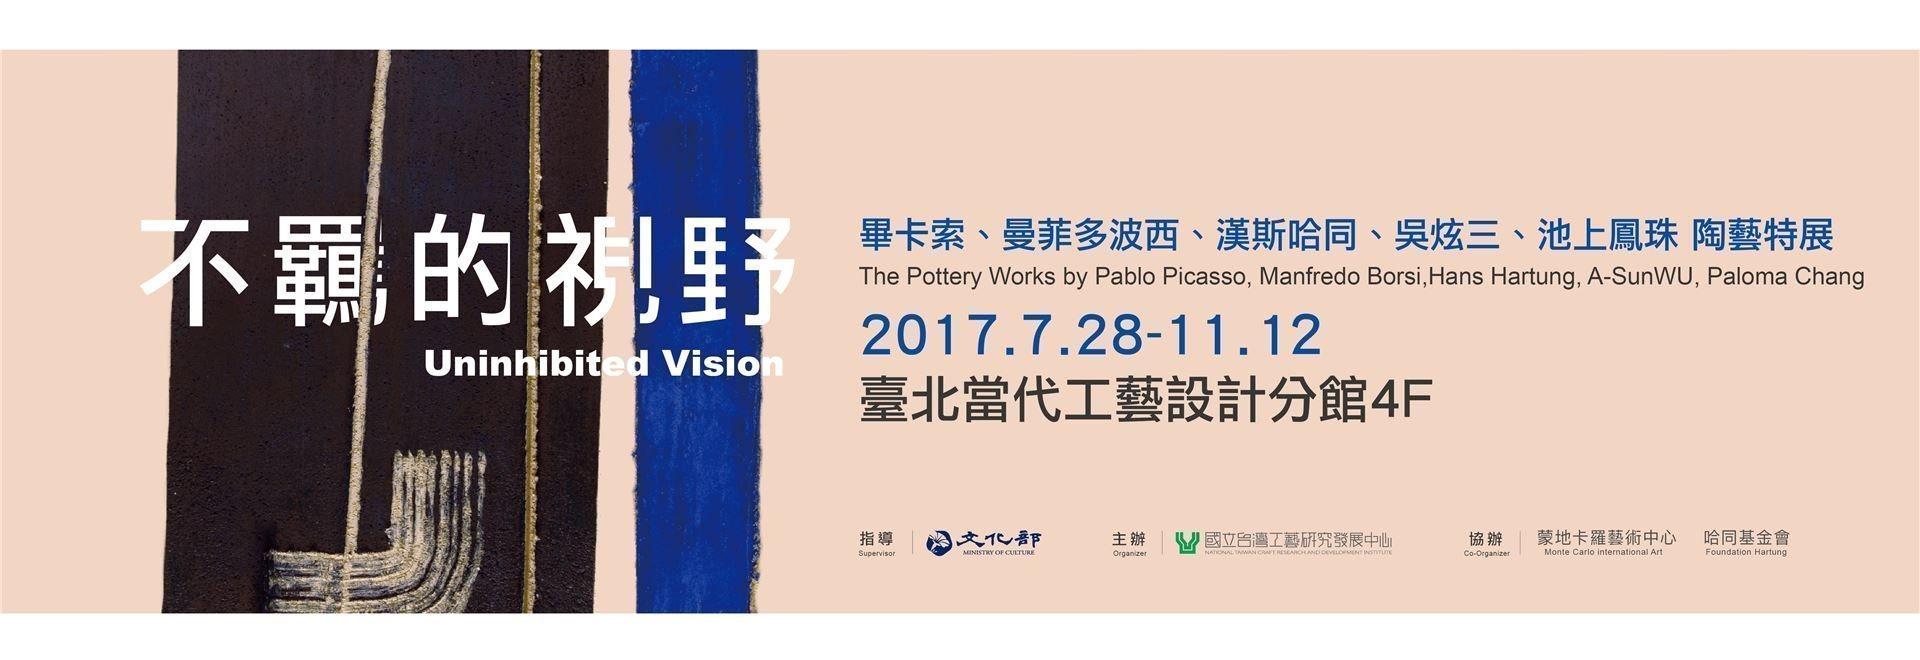 不羈的視野 - 畢卡索、曼菲多波西、漢斯哈同、吳炫三、池上鳳珠陶藝特展